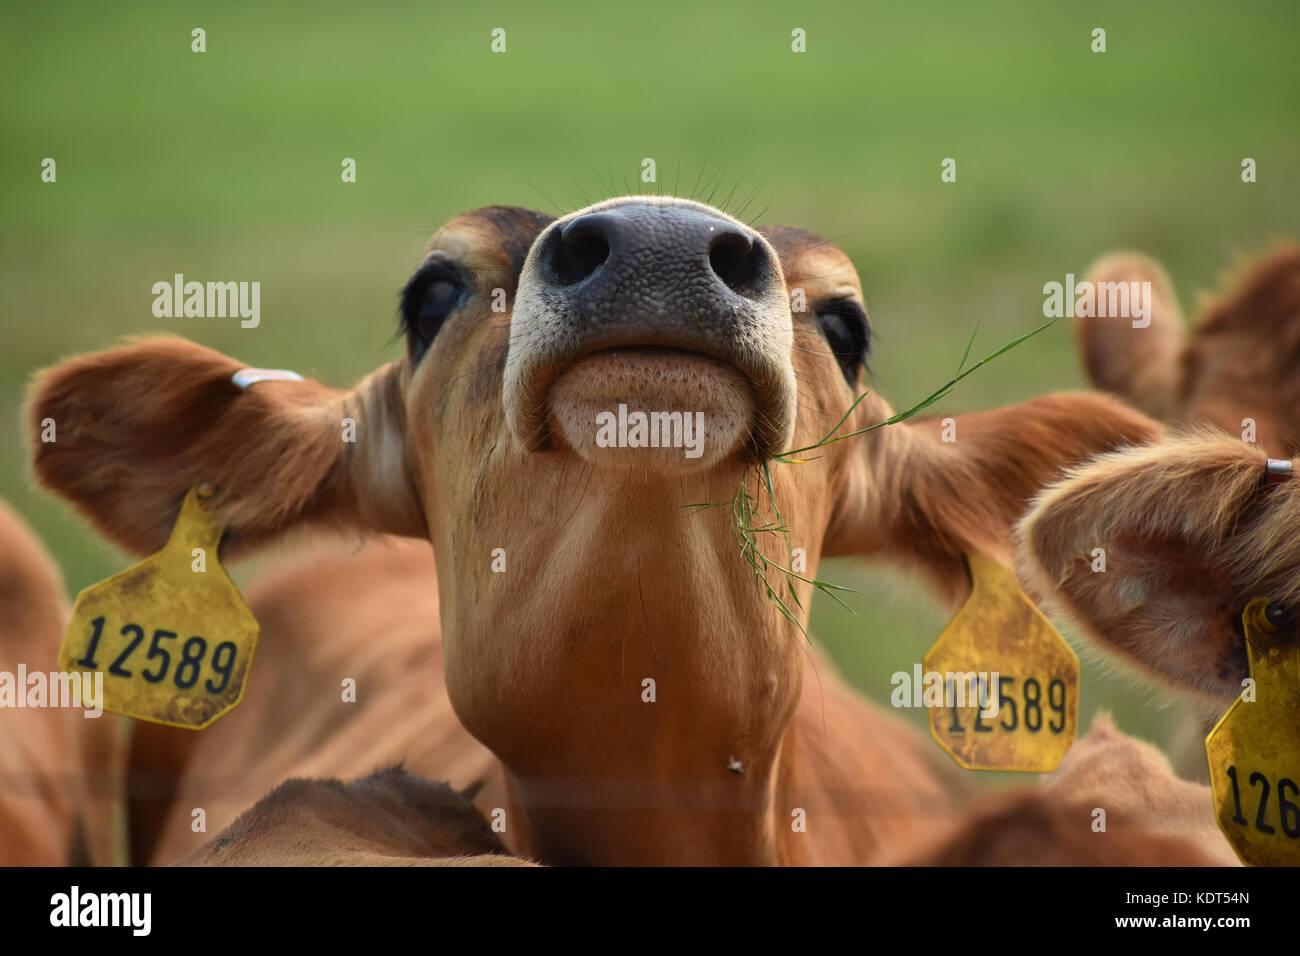 Mucca con la sua testa in aria mangiare erba indossando le etichette di identificazione Immagini Stock